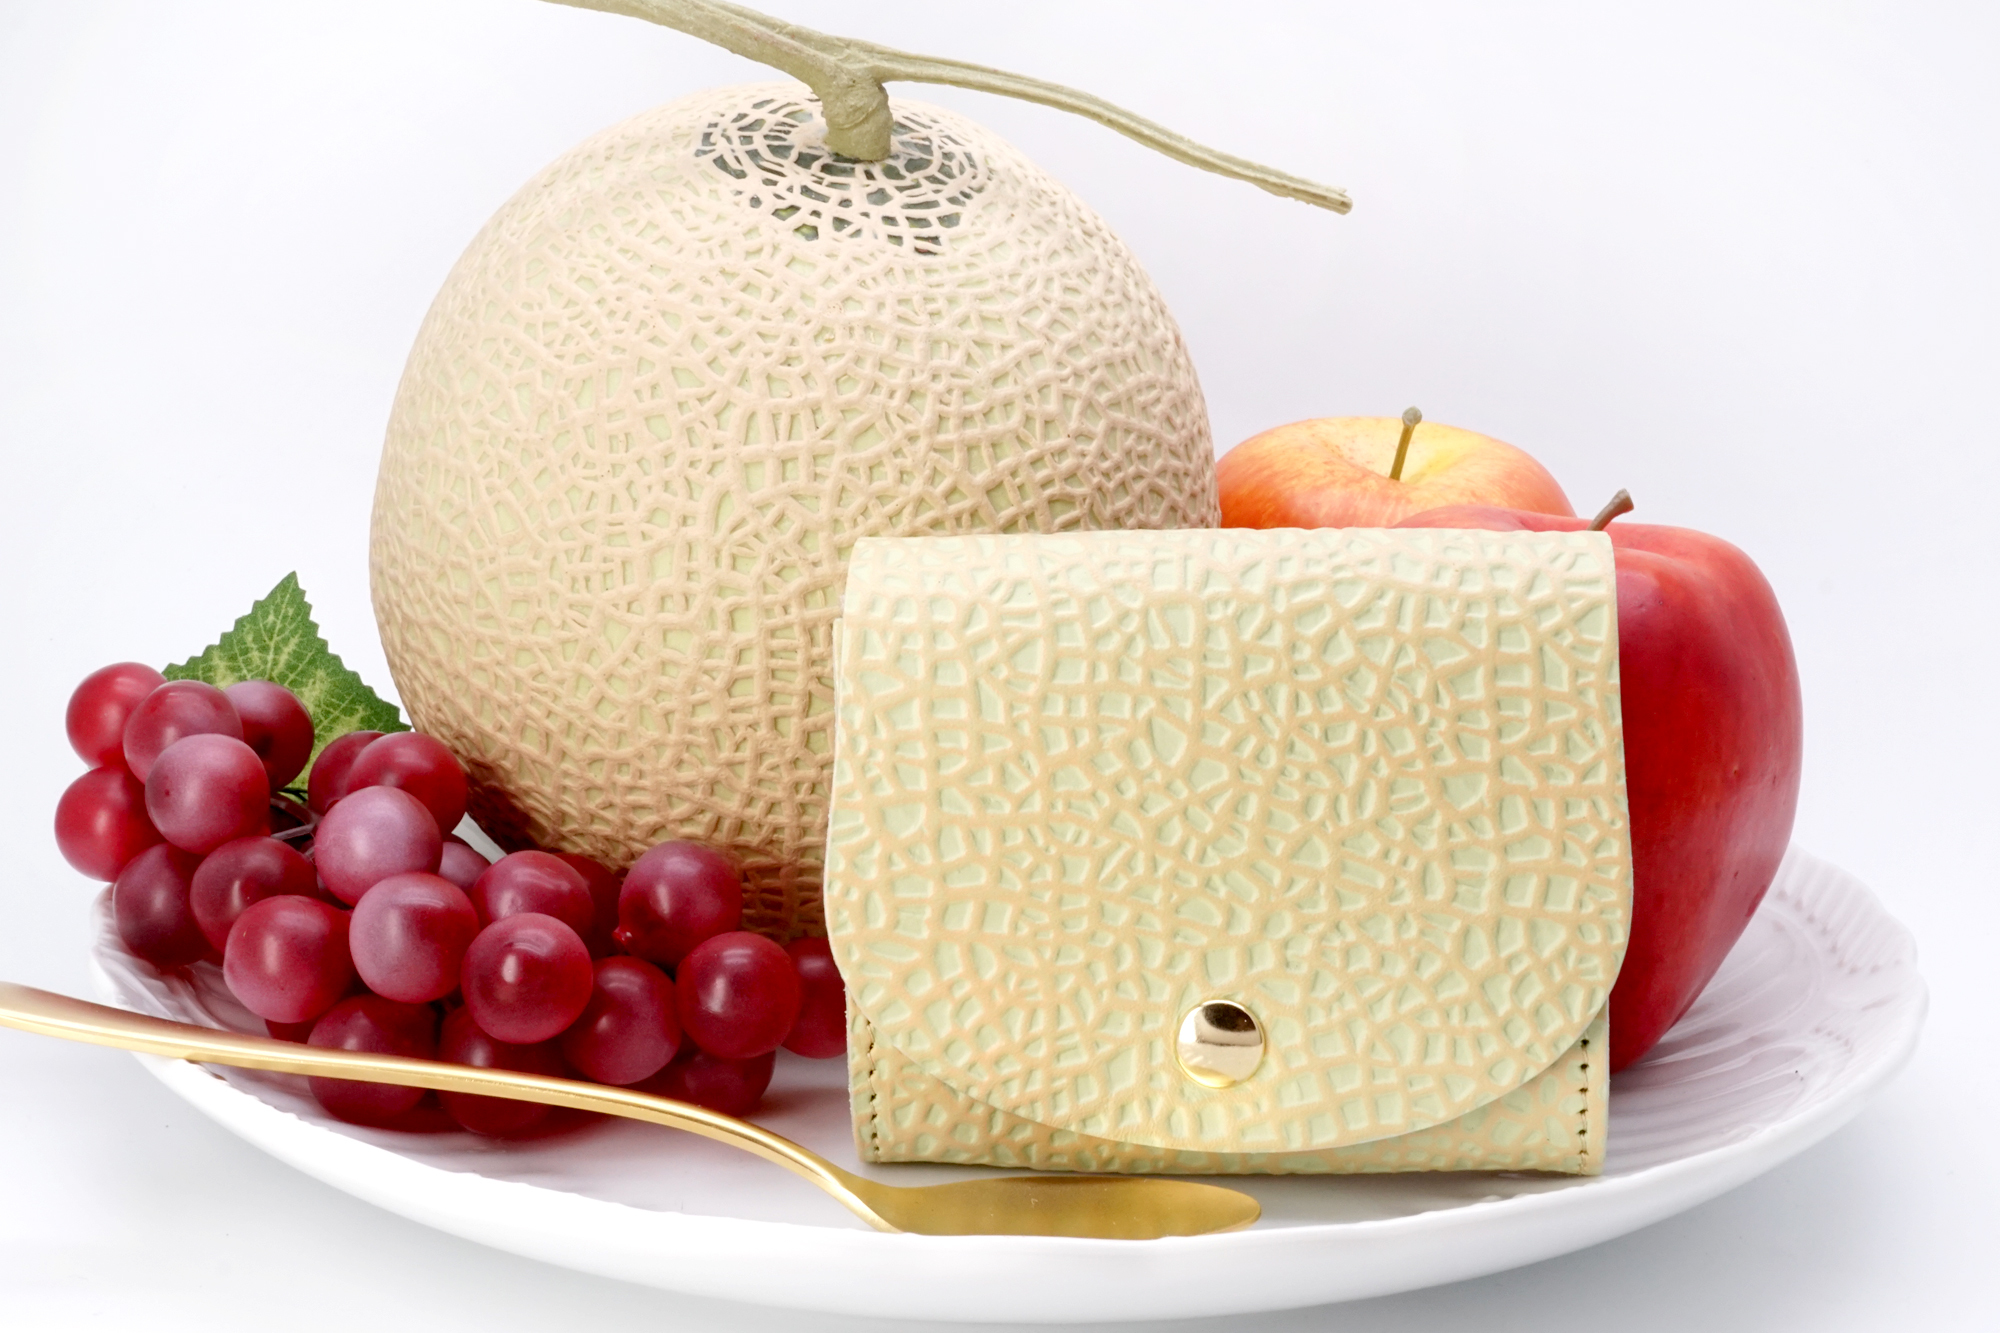 クラウンメロンなコンパクト財布(牛革製)/静岡クラウンメロンコラボ